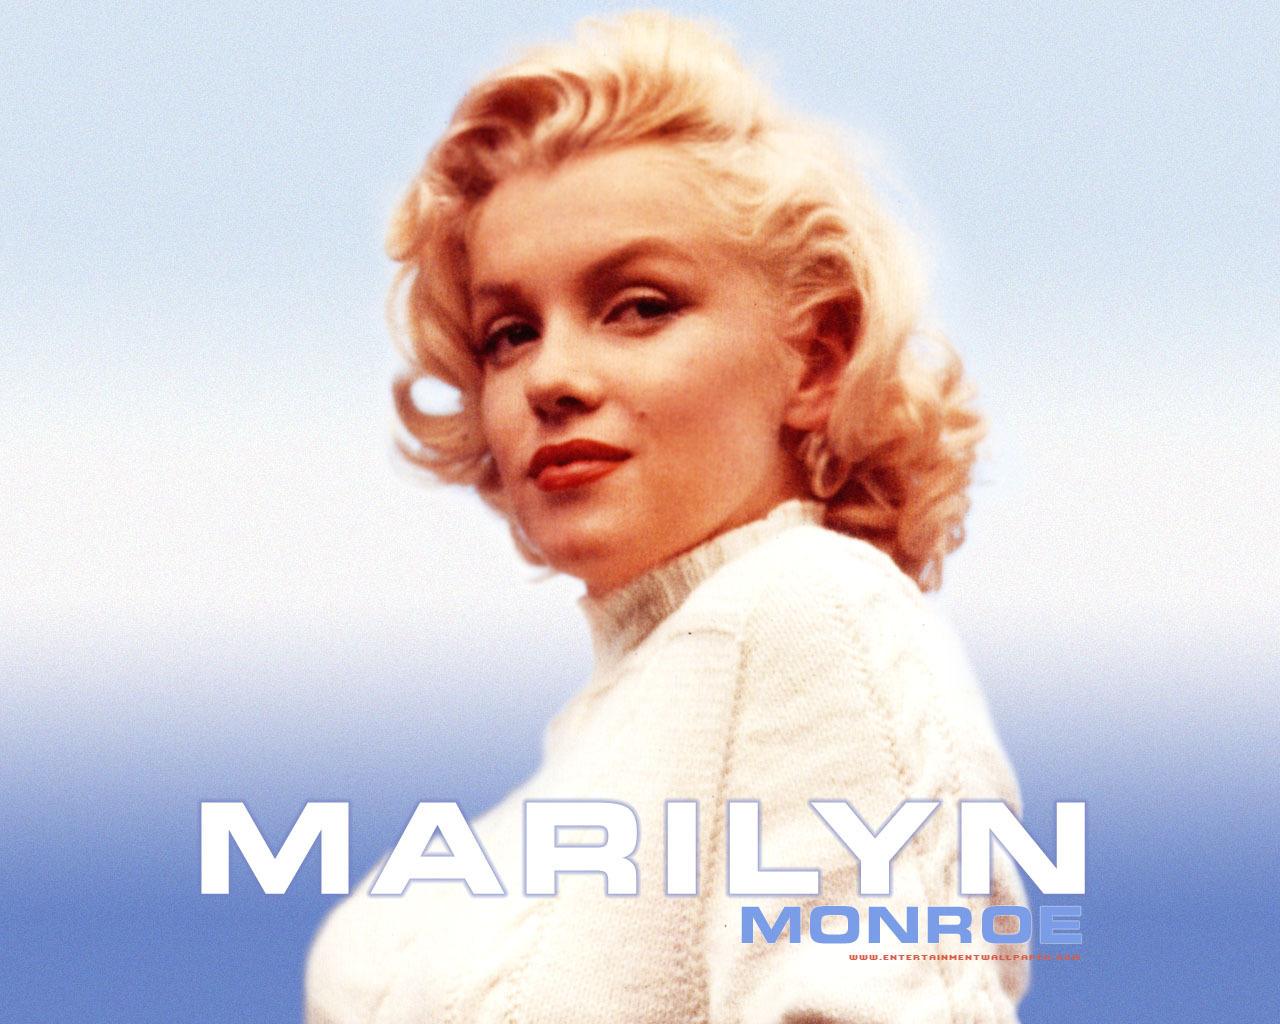 http://4.bp.blogspot.com/-mh-6fzx_0C0/TnUbVNKyCnI/AAAAAAAACmQ/RRWH2I4oGAA/s1600/Marilyn-marilyn-monroe.jpg